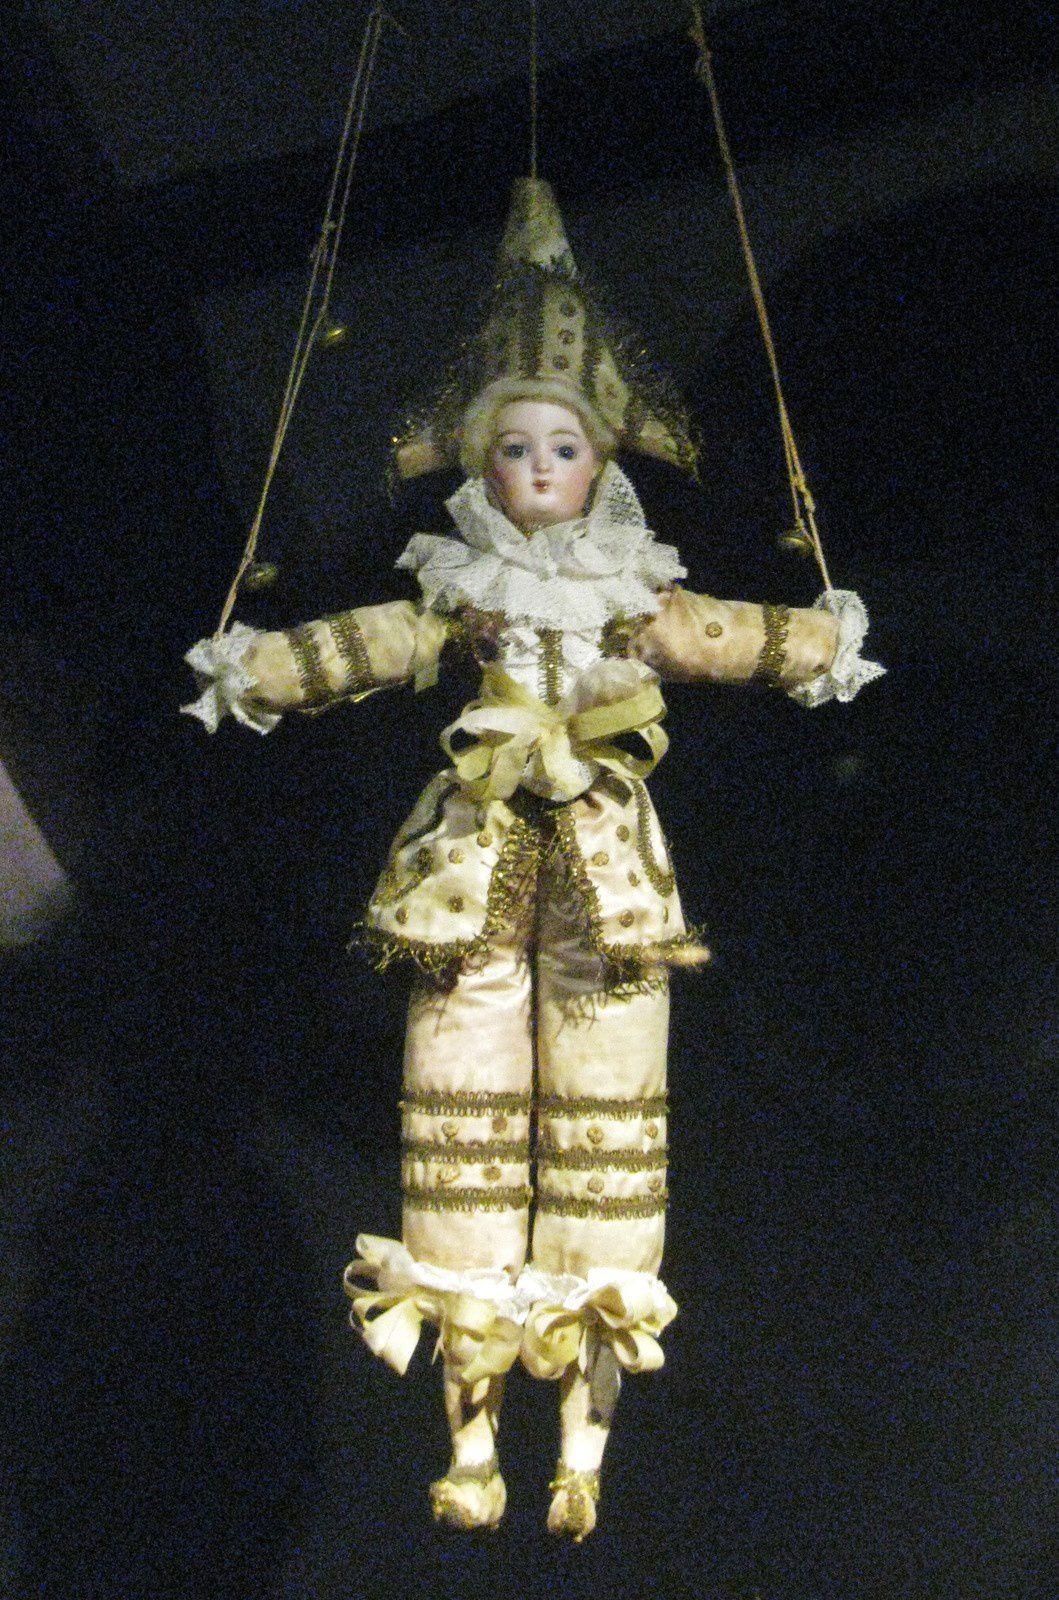 Marionnettes et Guignol (2/2)